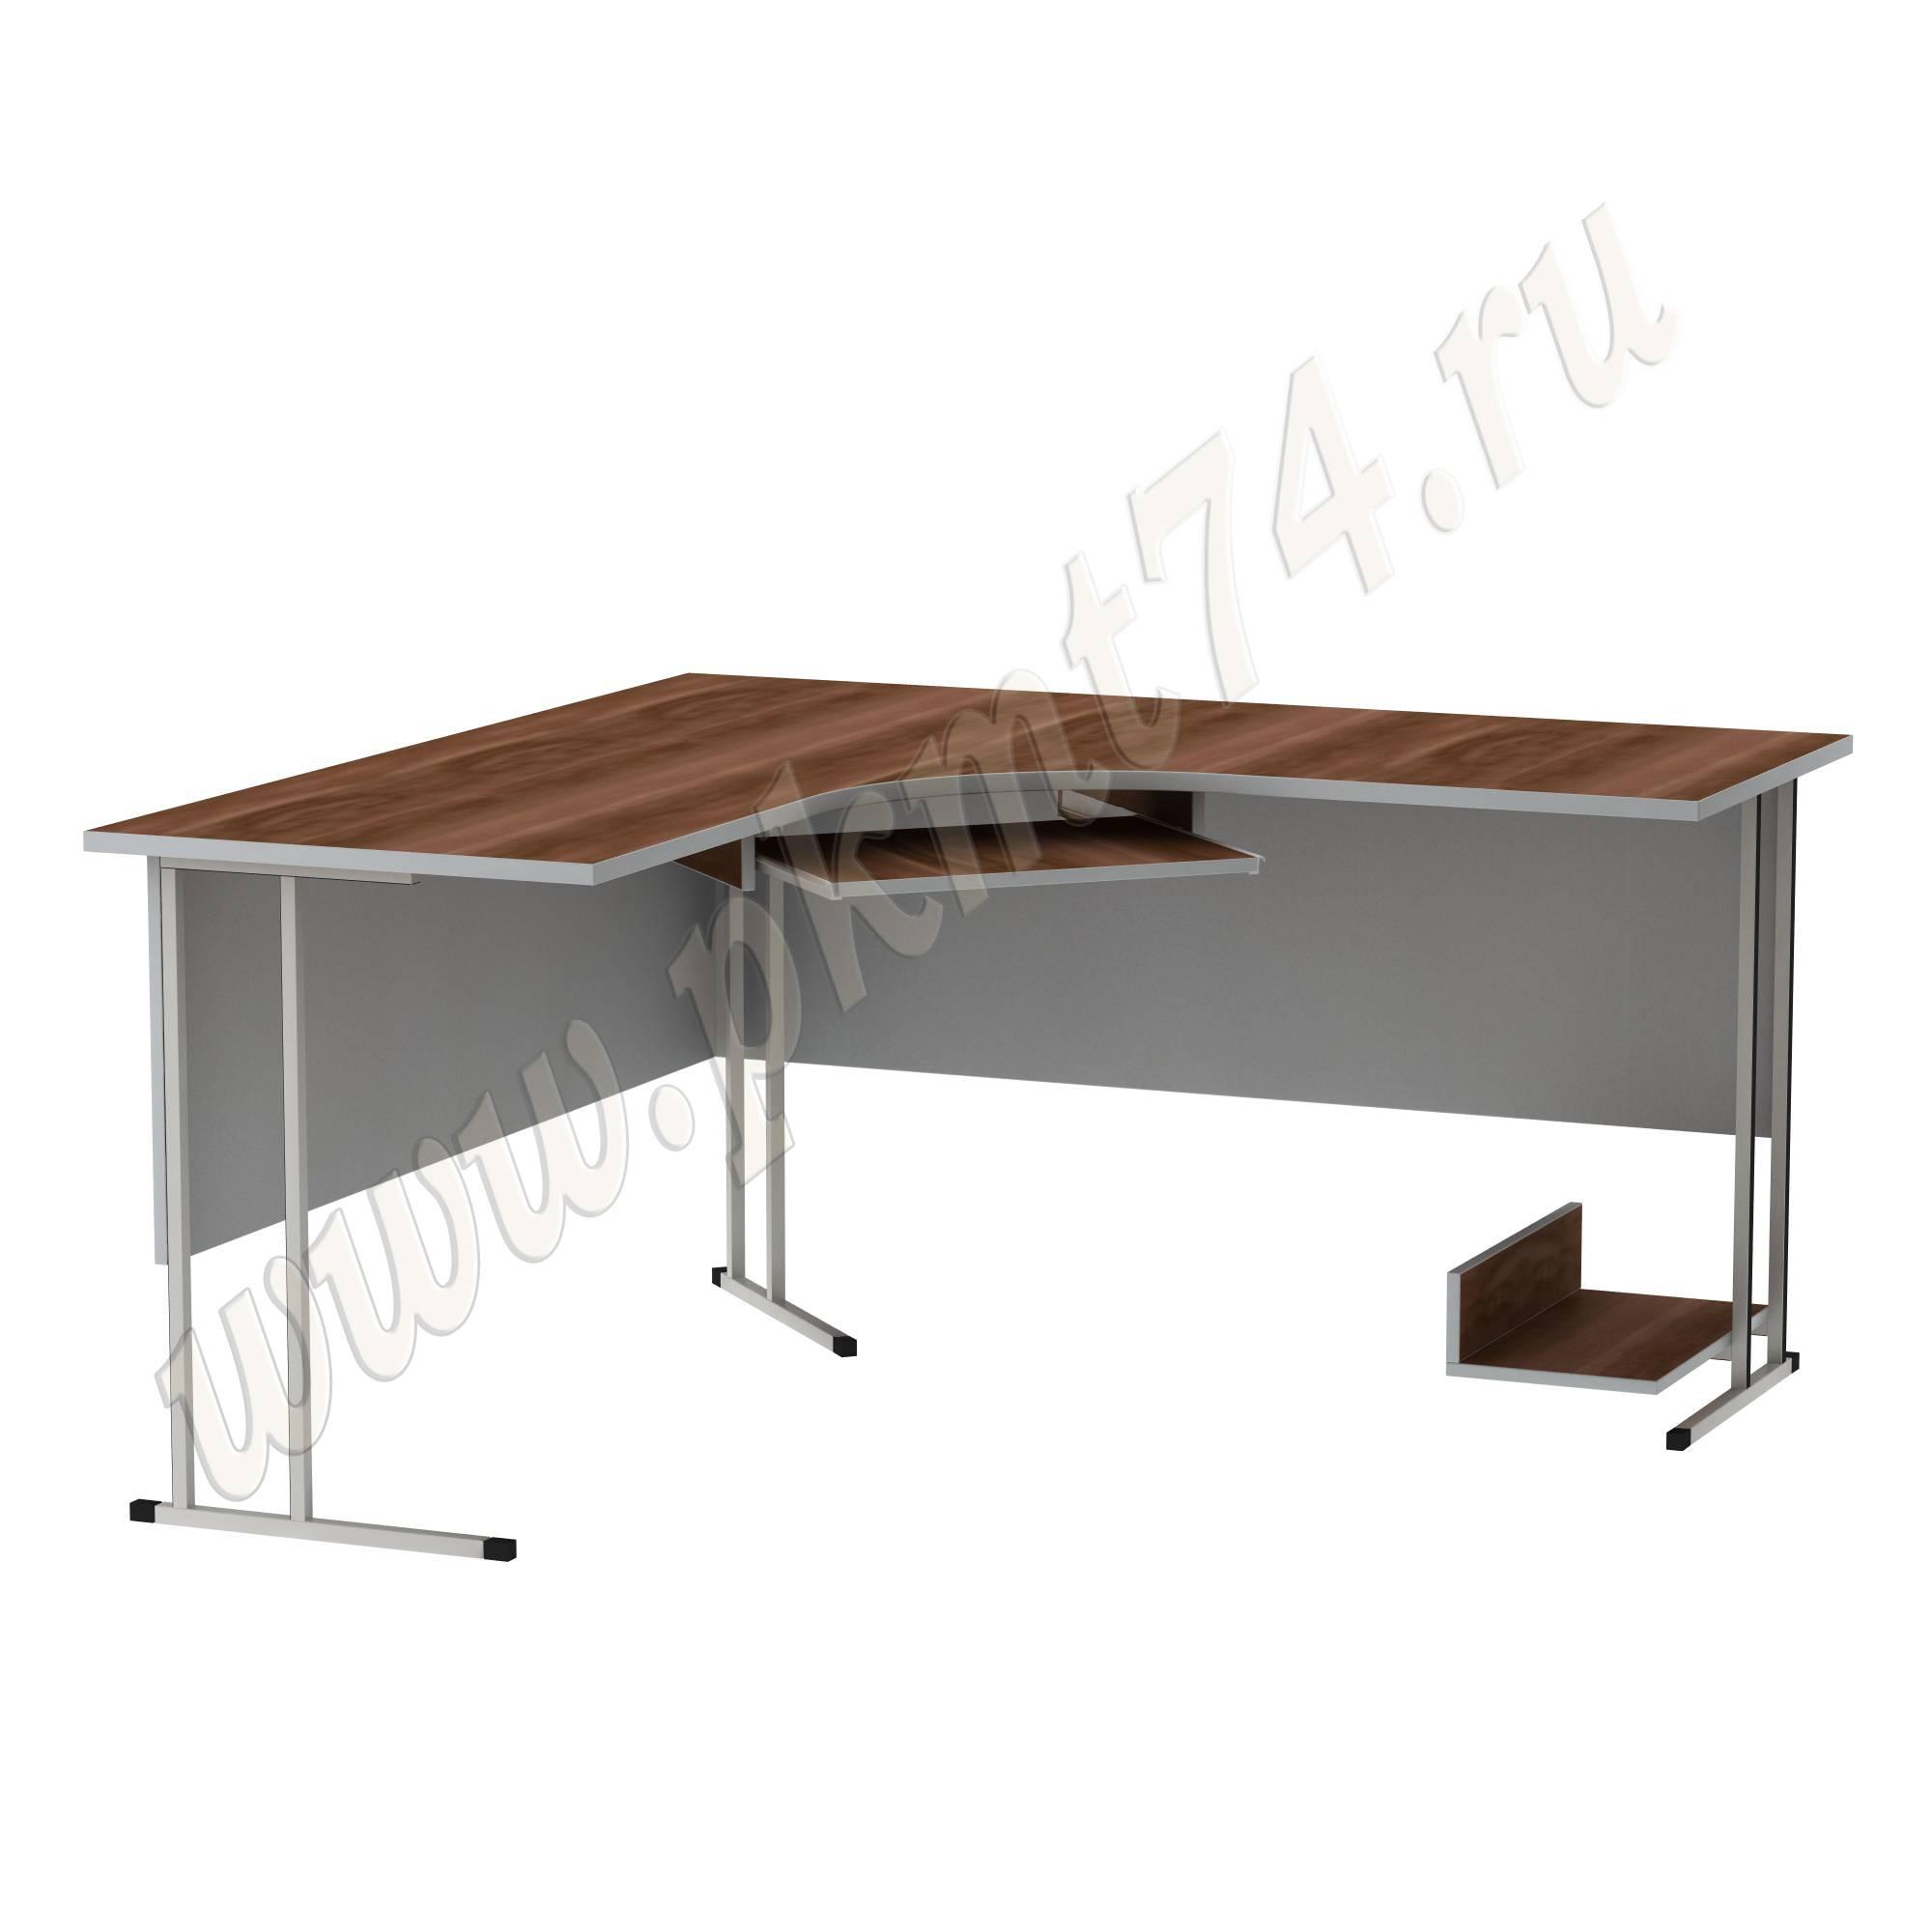 Стол угловой компьютерный на металлическом каркасе MT 07-10 Слива-Алюминий